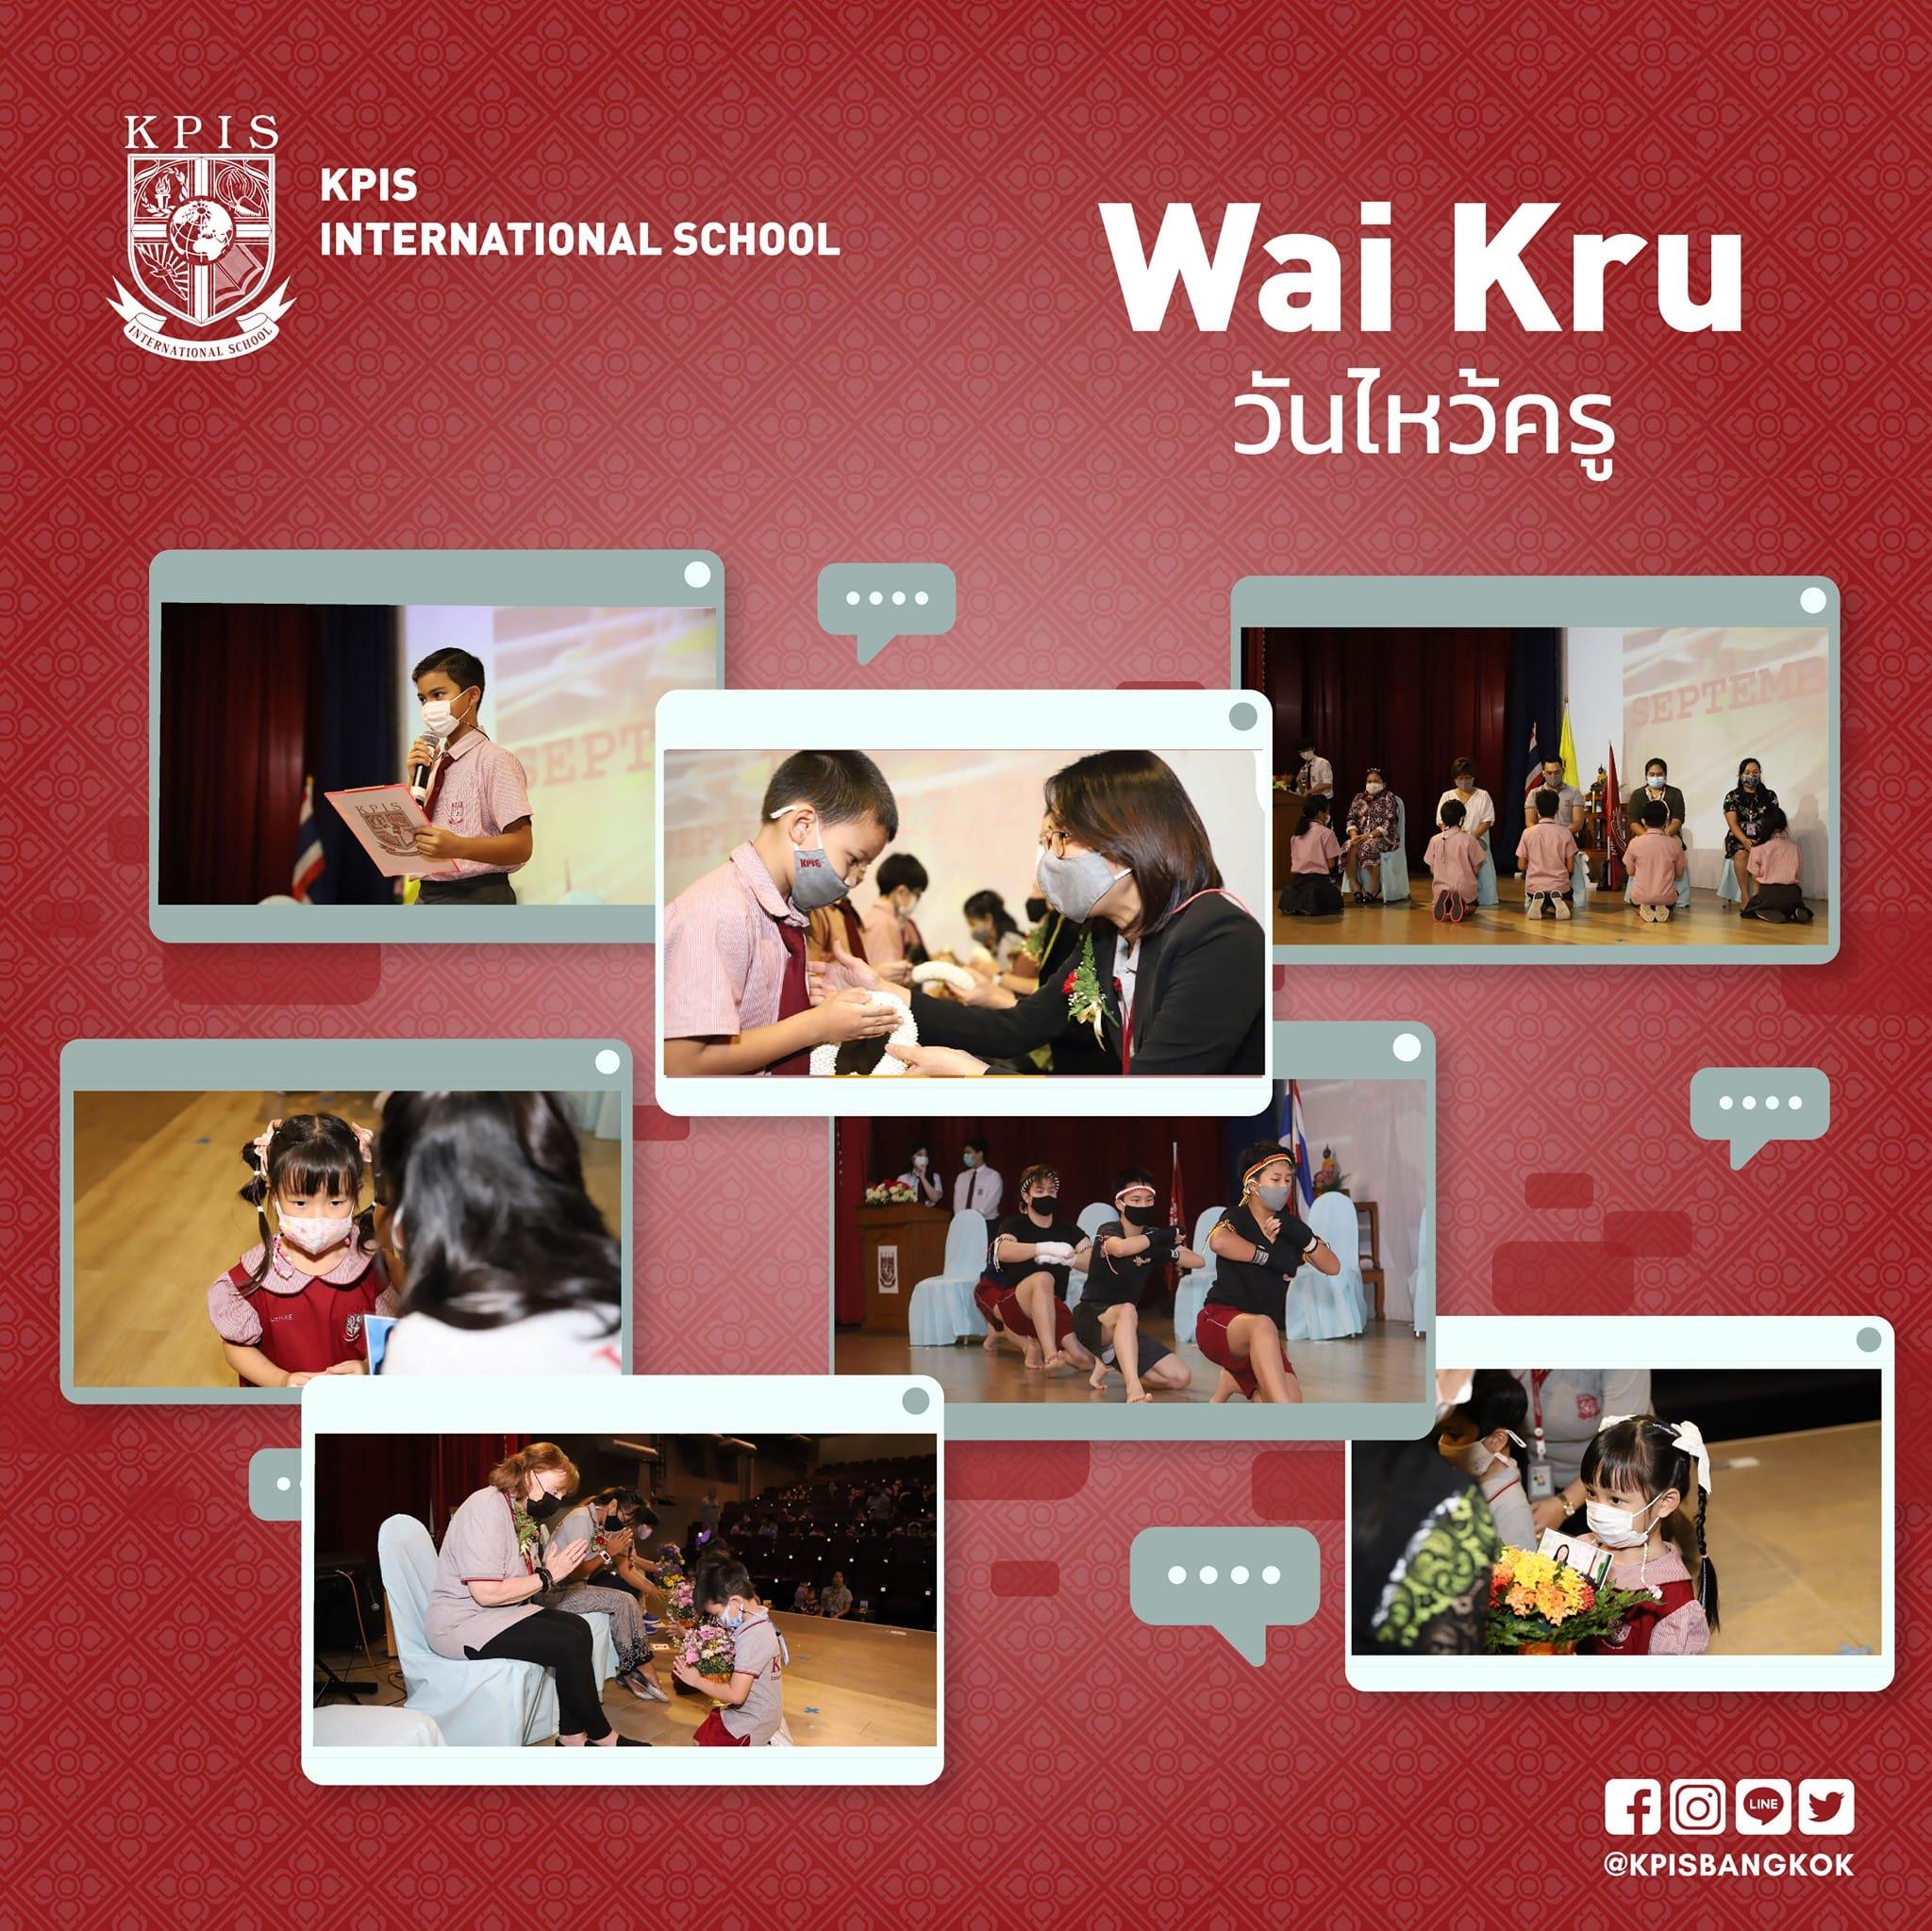 Wai Kru at KPIS